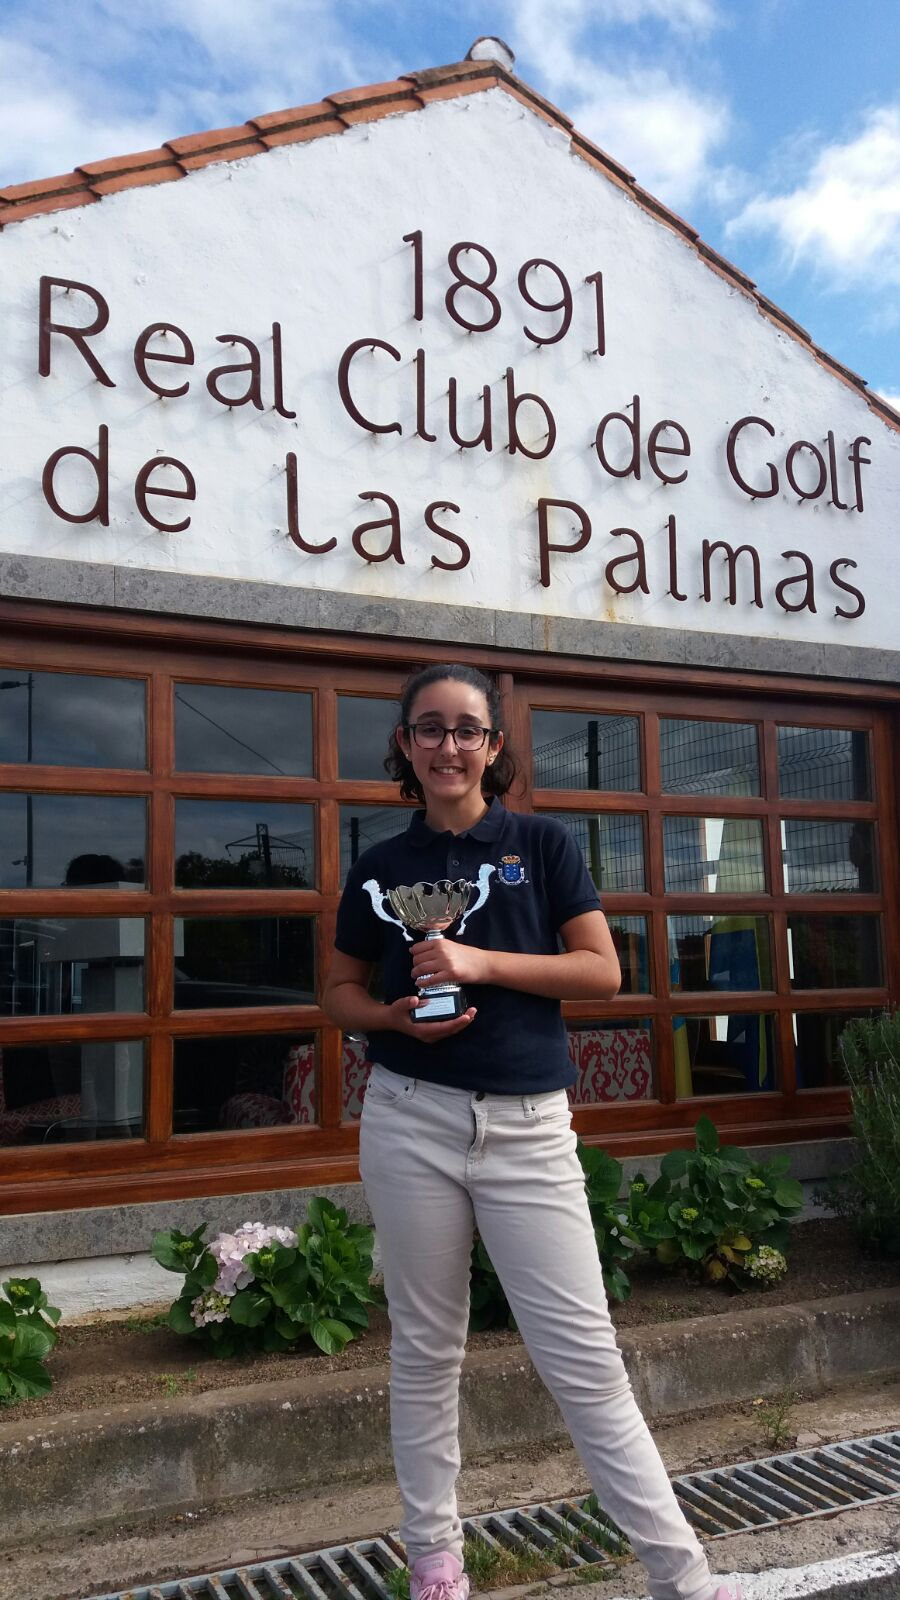 Nueva victoria de Nerea Garrido, en el Real Club de Golf de Las Palmas